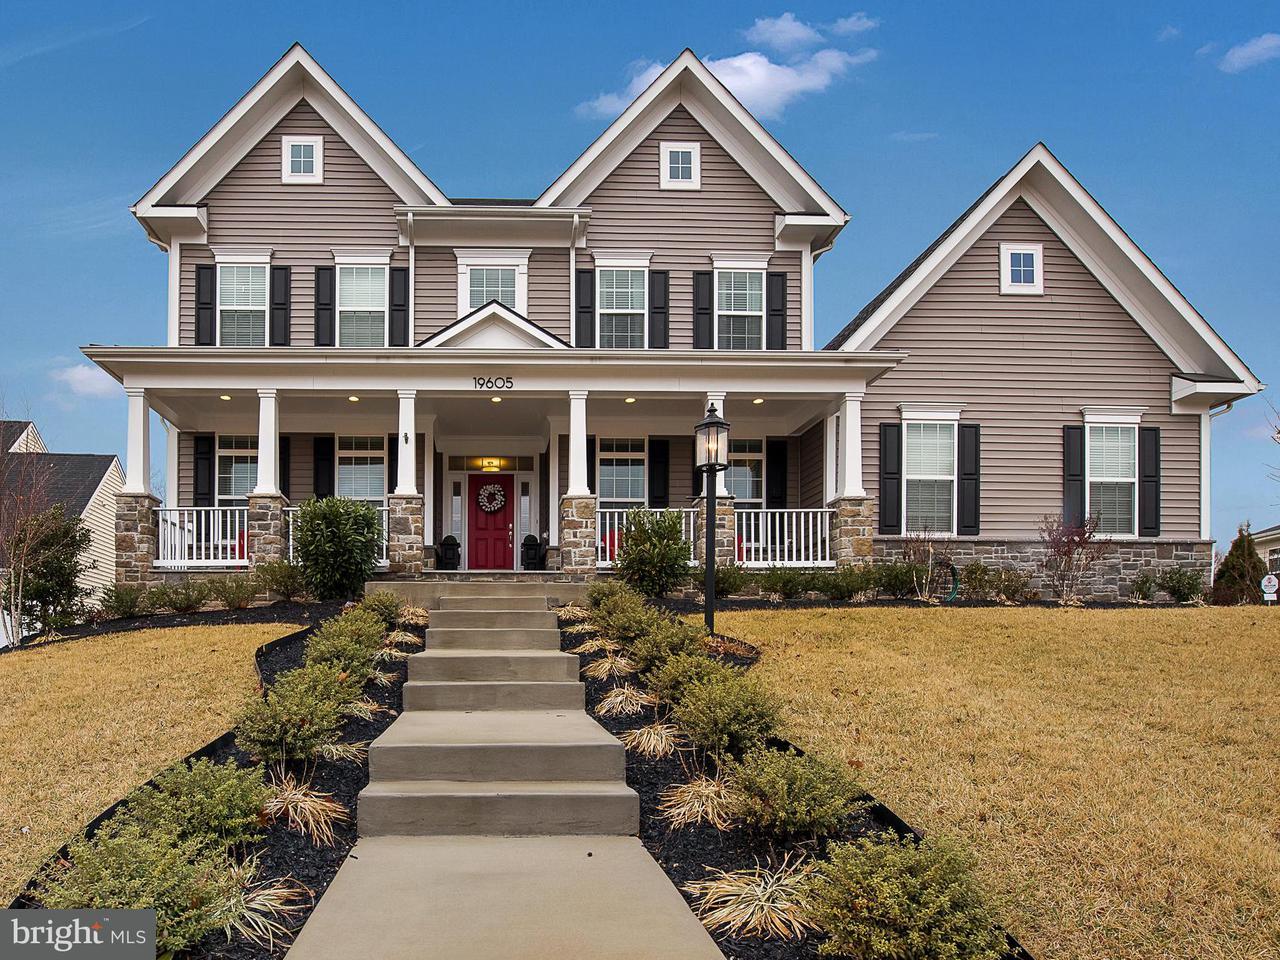 Μονοκατοικία για την Πώληση στο 19605 Lewis Orchard Lane 19605 Lewis Orchard Lane Poolesville, Μεριλαντ 20837 Ηνωμενεσ Πολιτειεσ